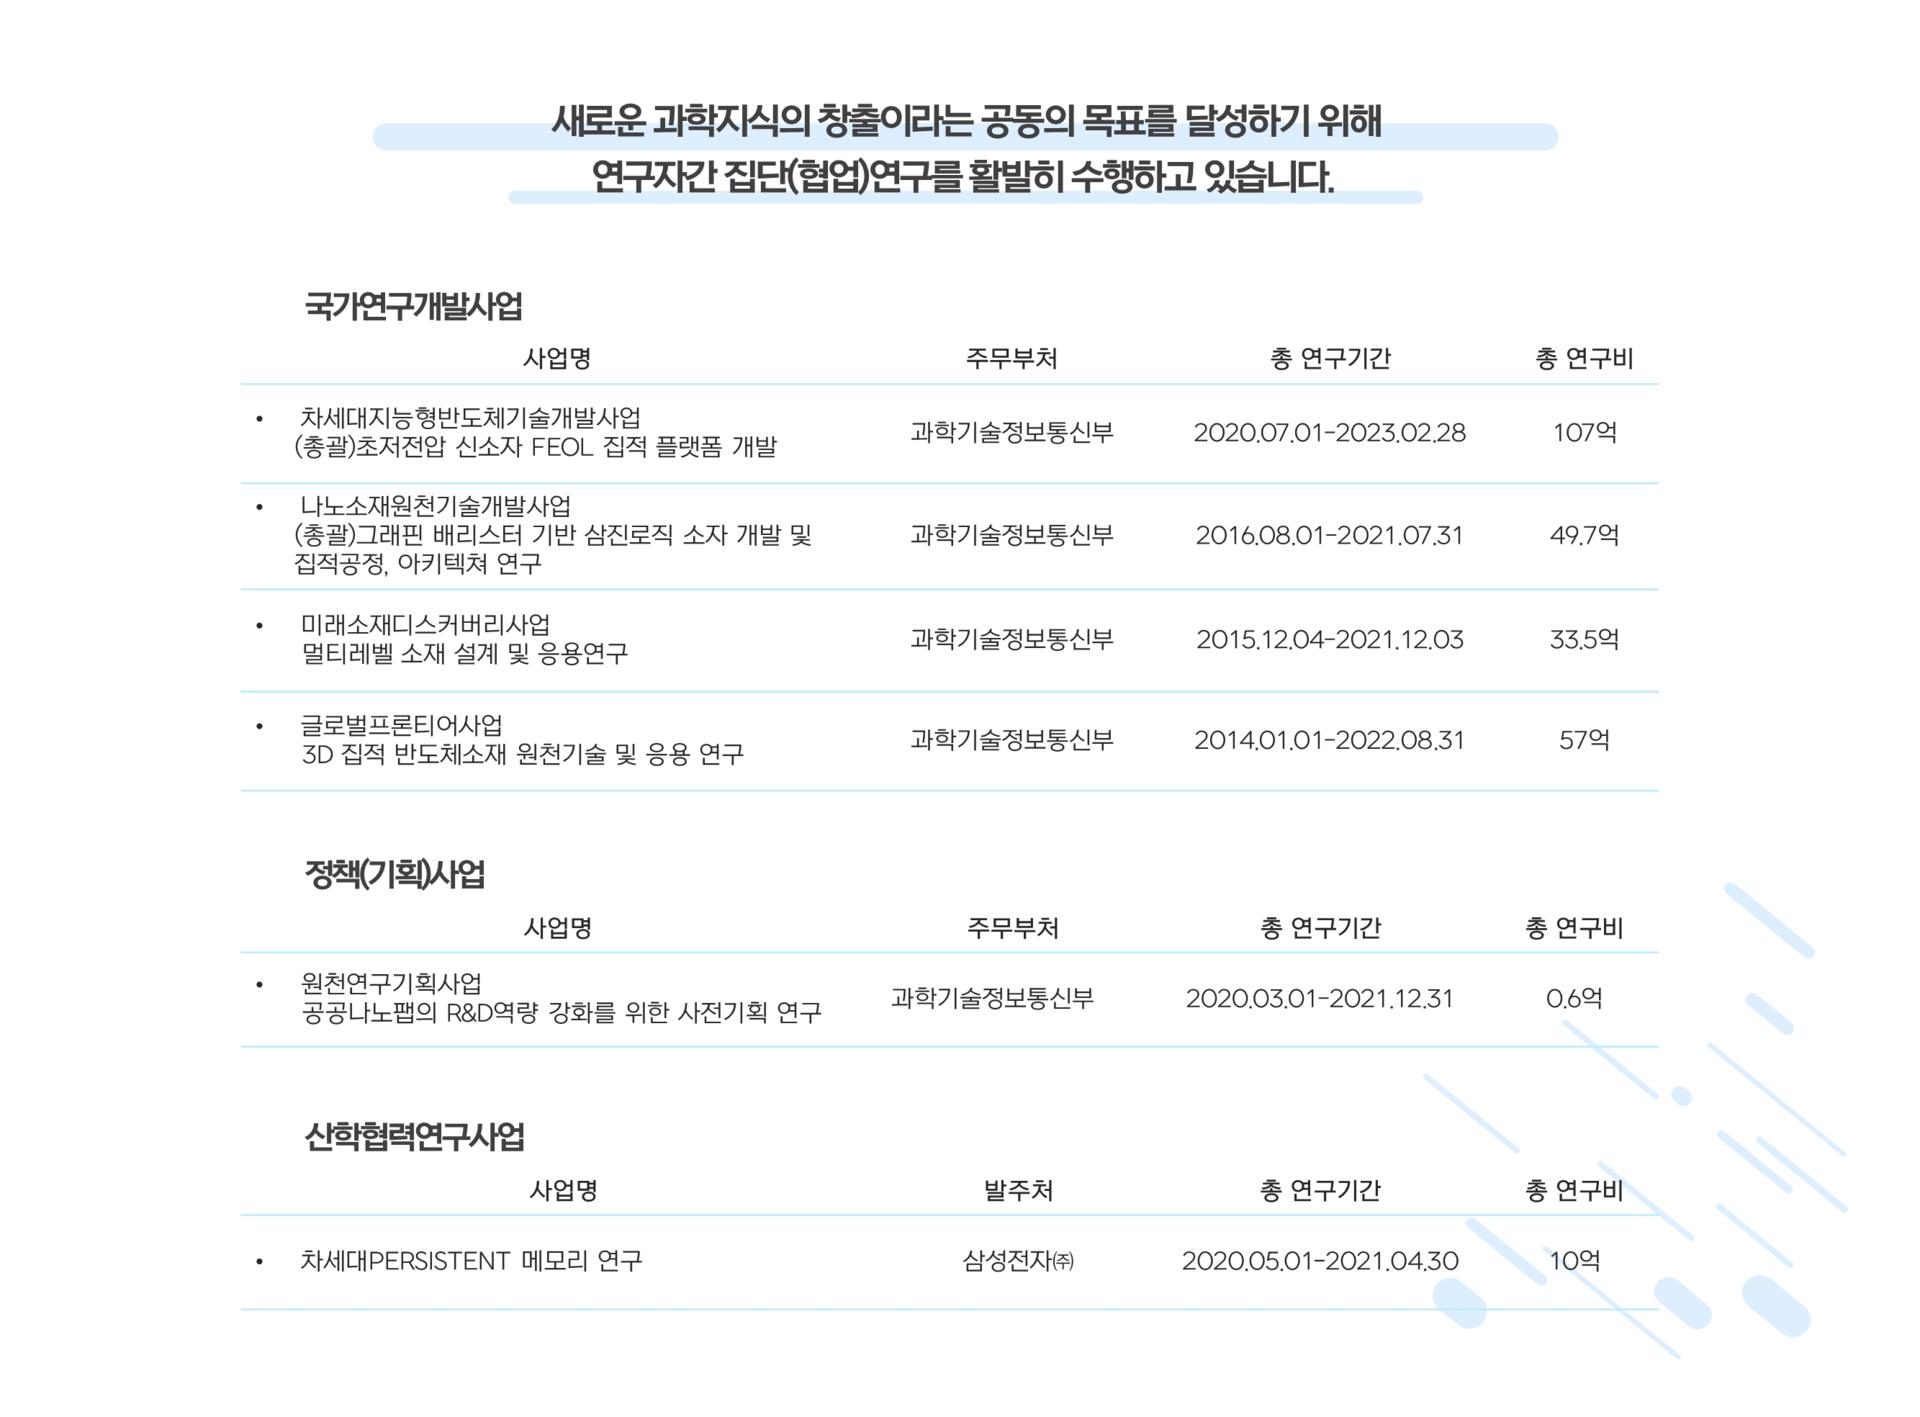 반도체기술융합센터 국가연구개발사업 및 산업체과제 수주현황표